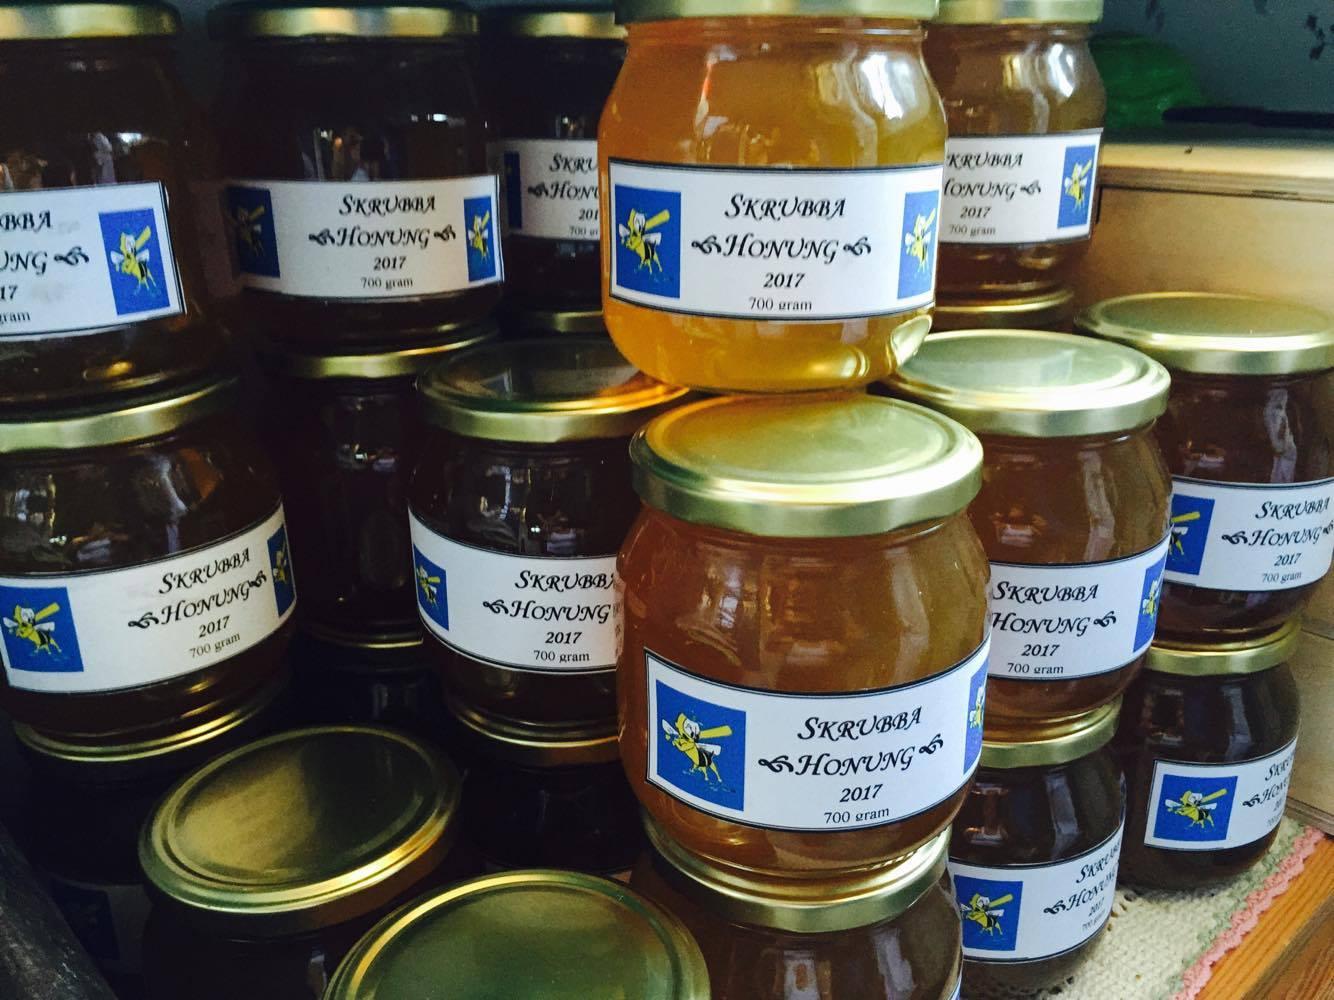 Skrubba honung till försäljning!